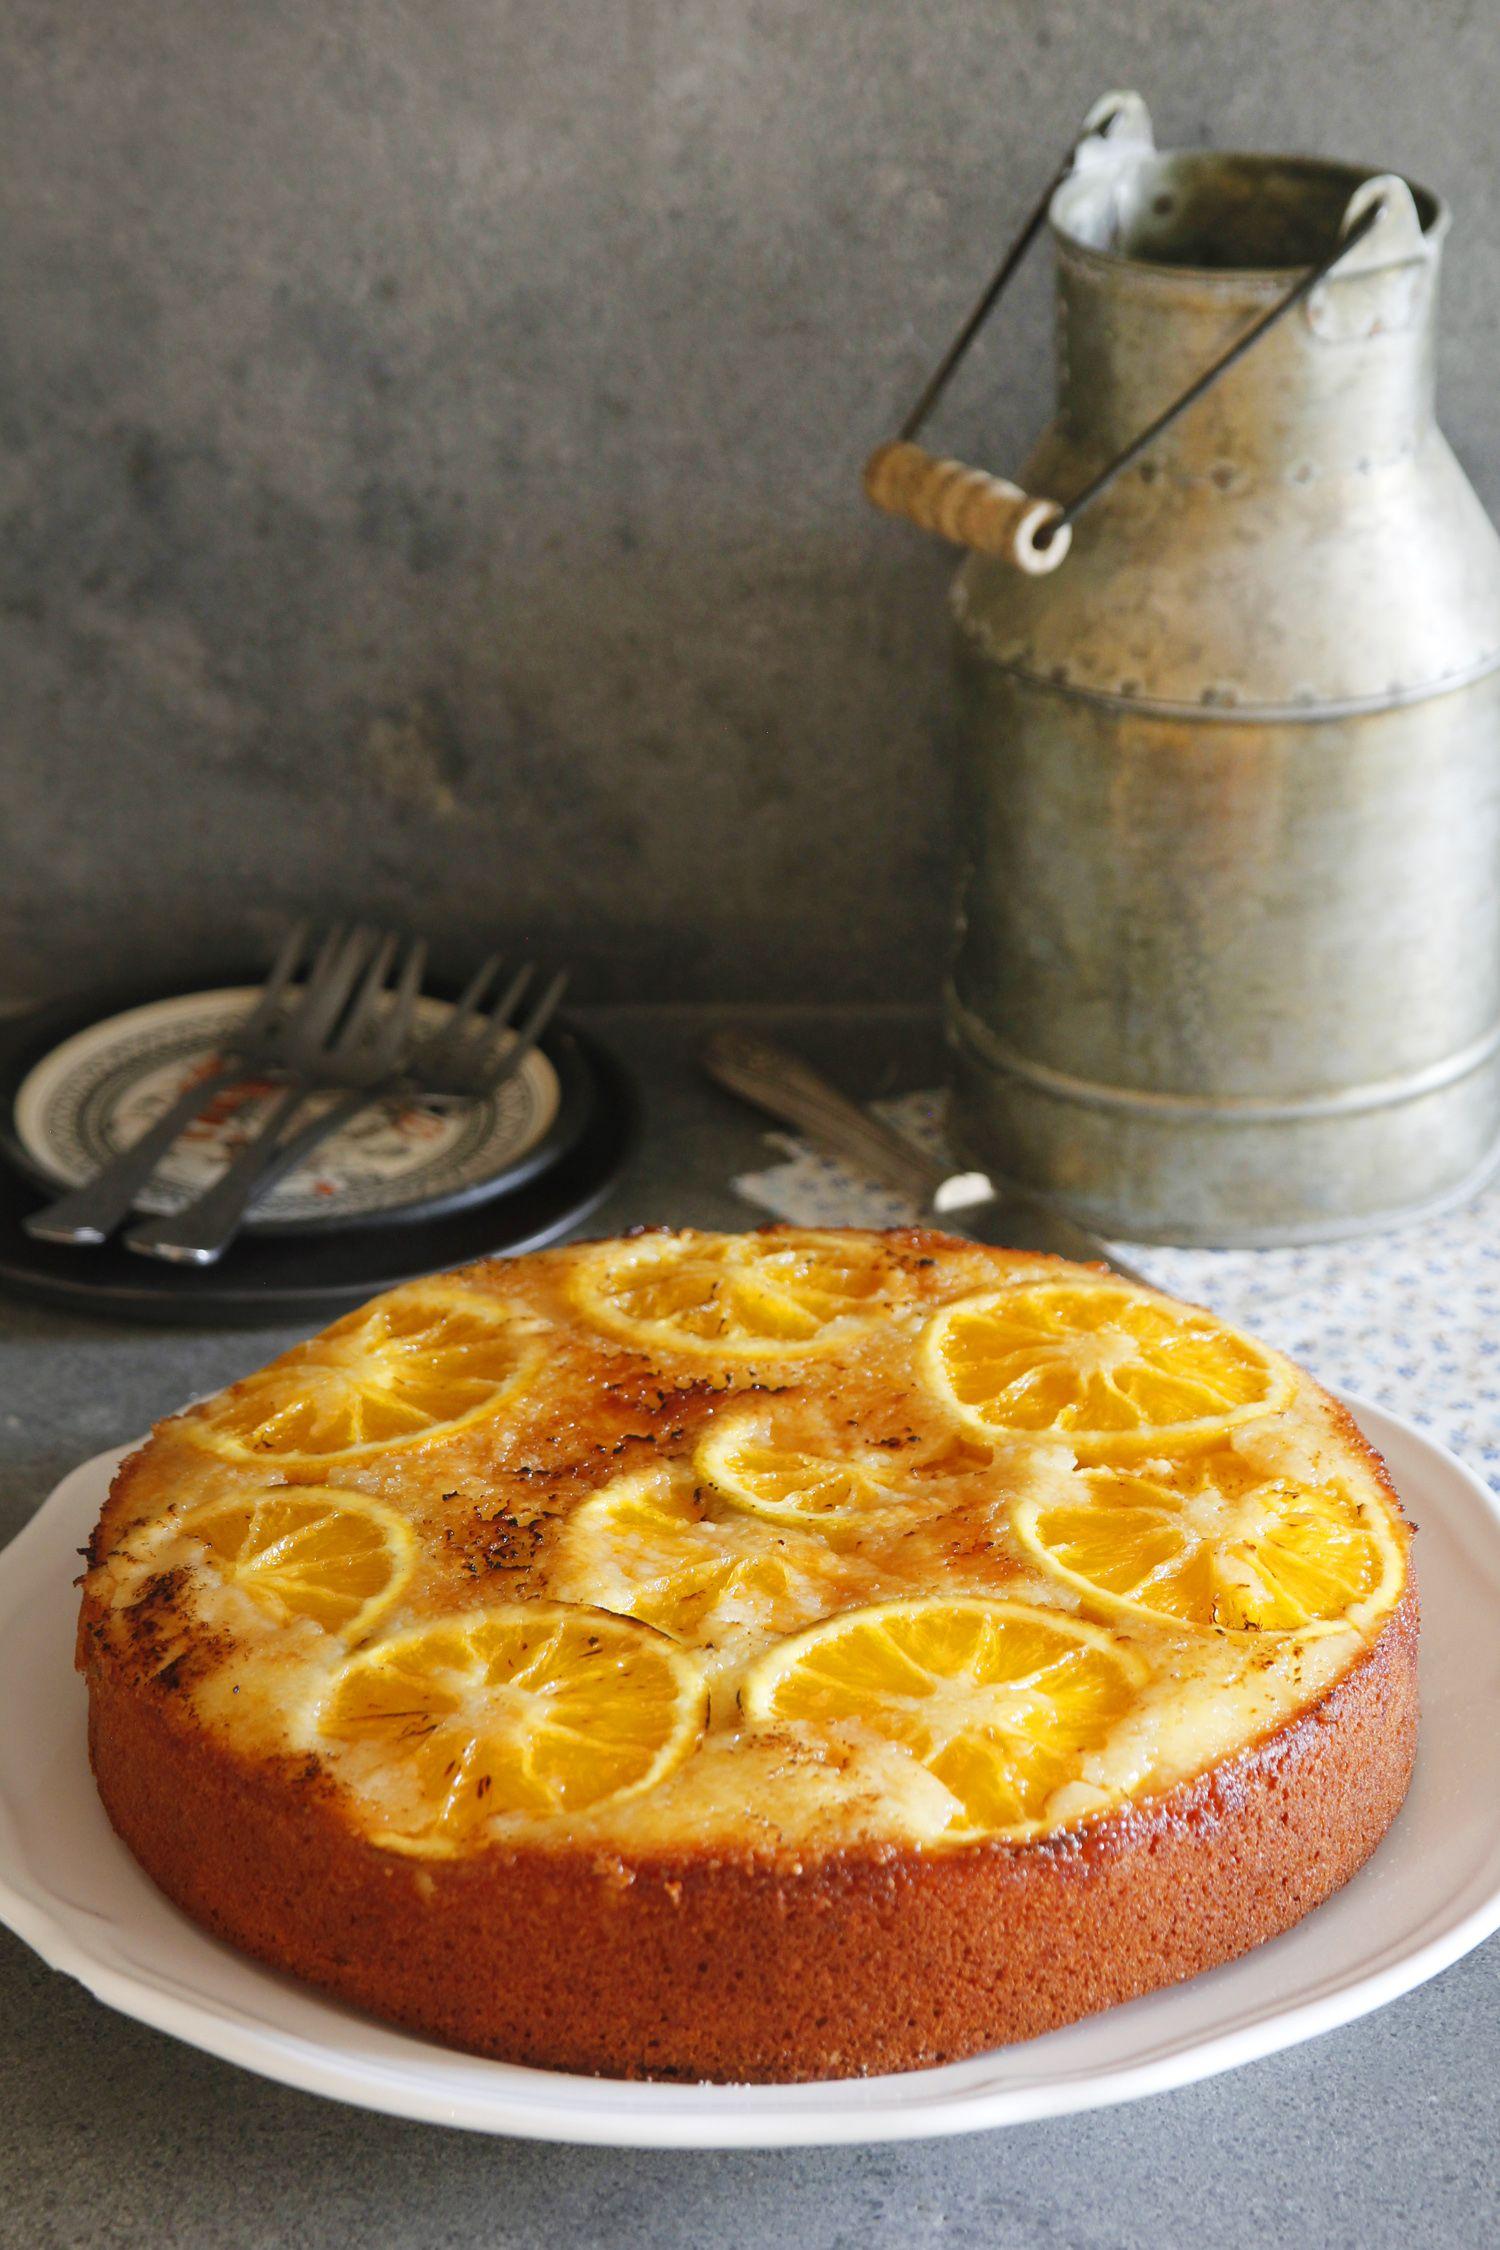 עוגות בחושות מעולות ליום כיפור